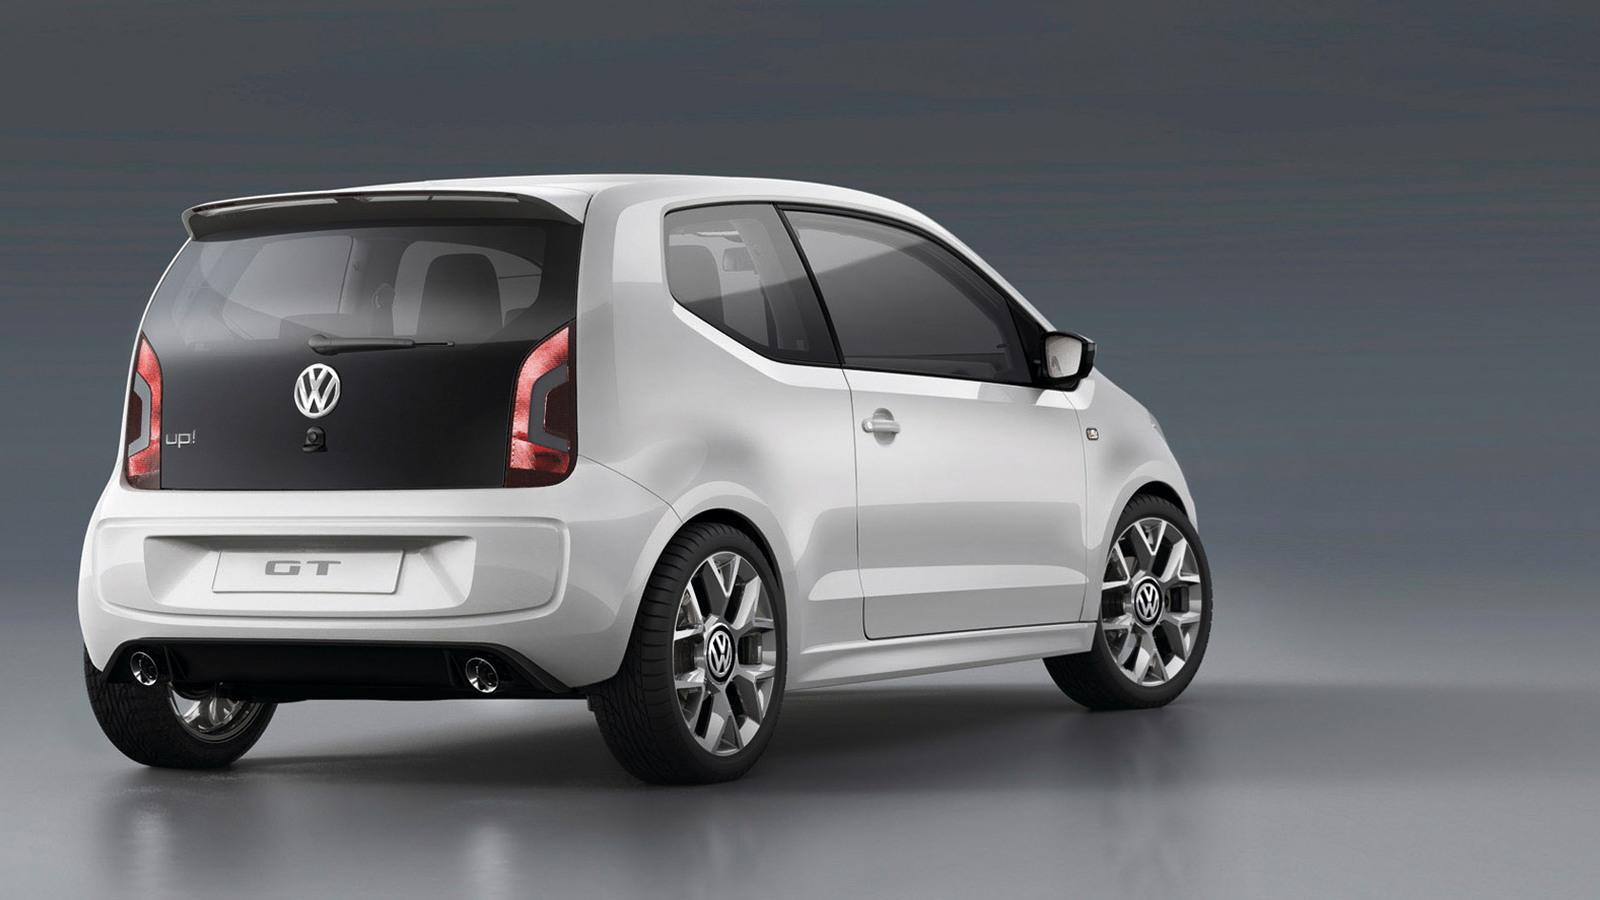 2011 Volkswagen up! GT Concept